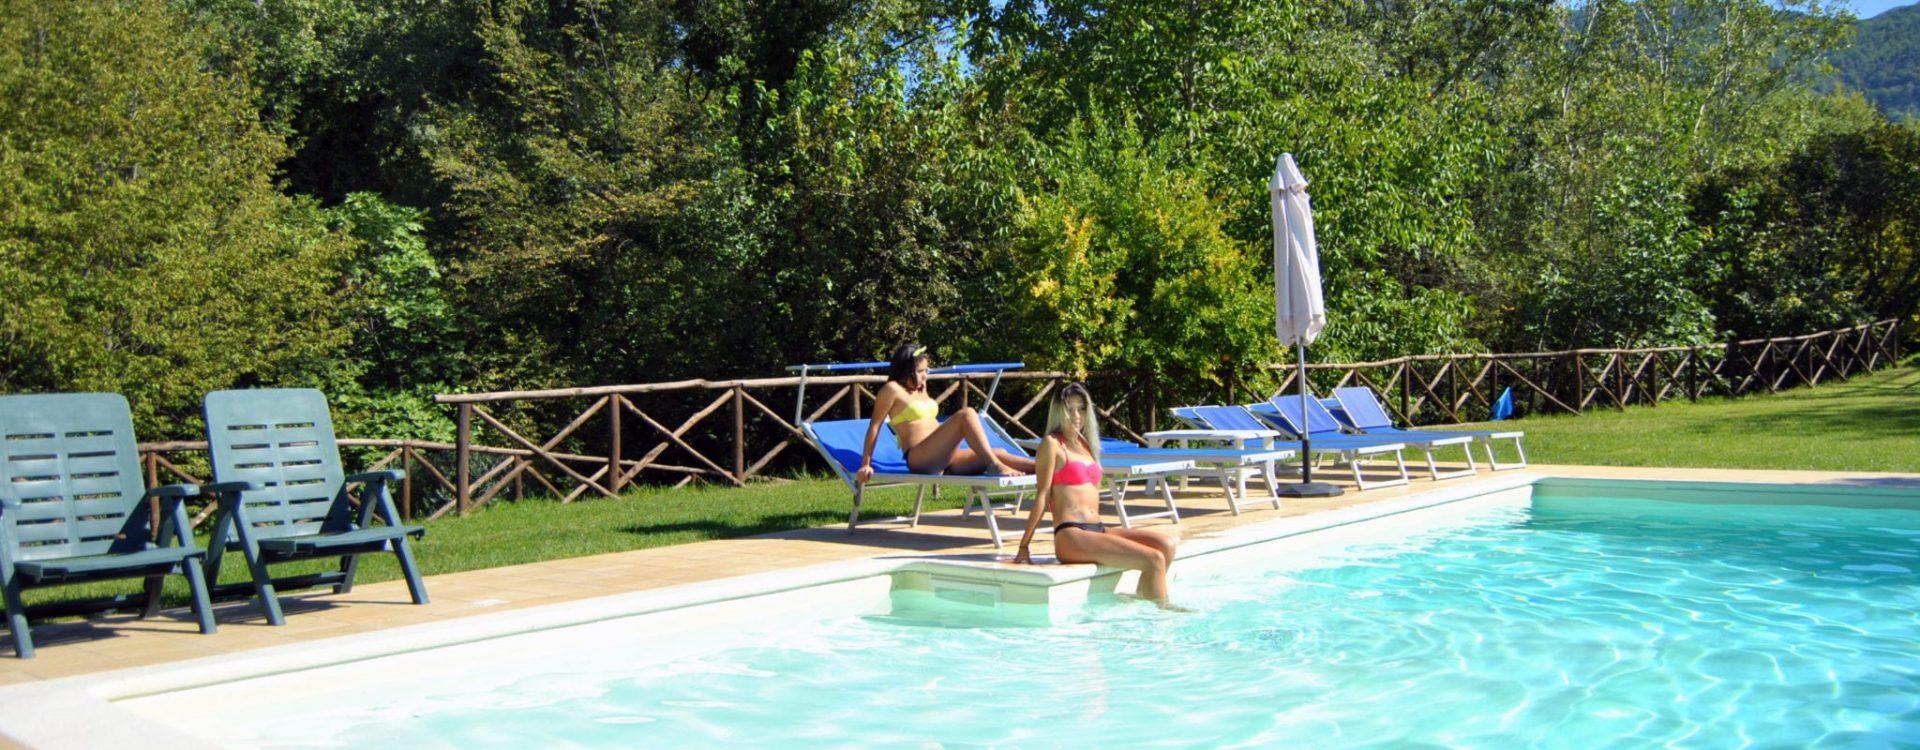 piscina ragazze 3